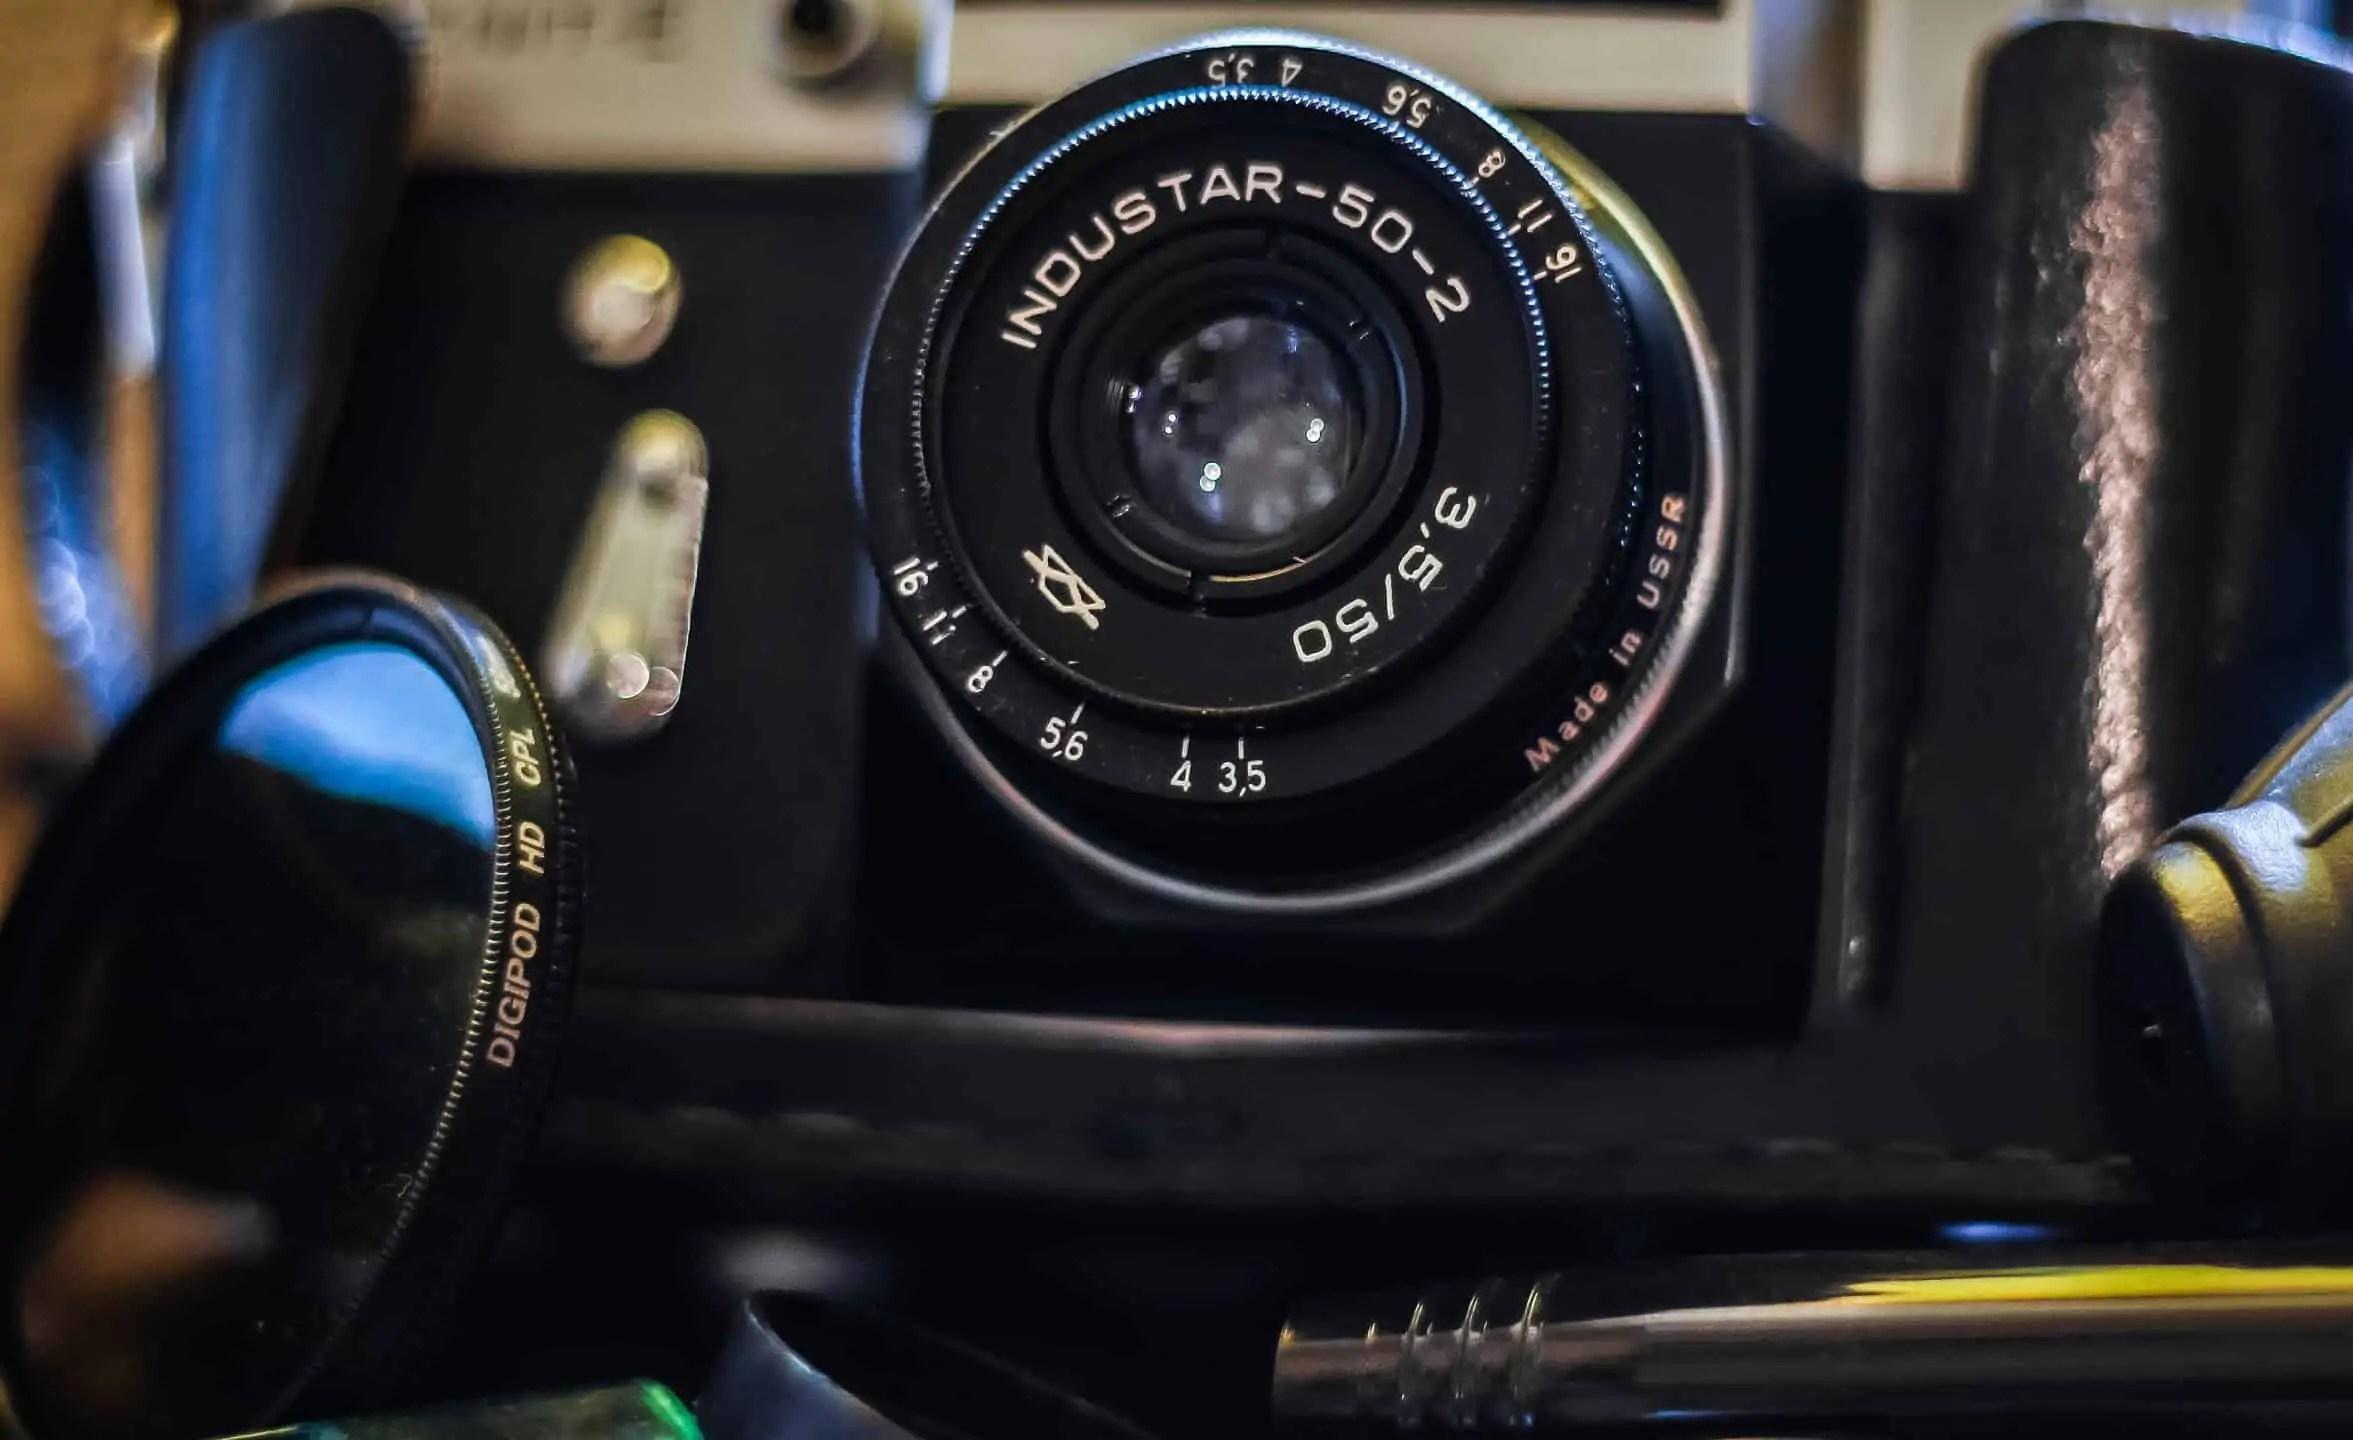 Fotografia produktu w aranżacji 4 - Najlepszy prezent dla fotografa jest darmowy. Resztę kupisz do 100 pln